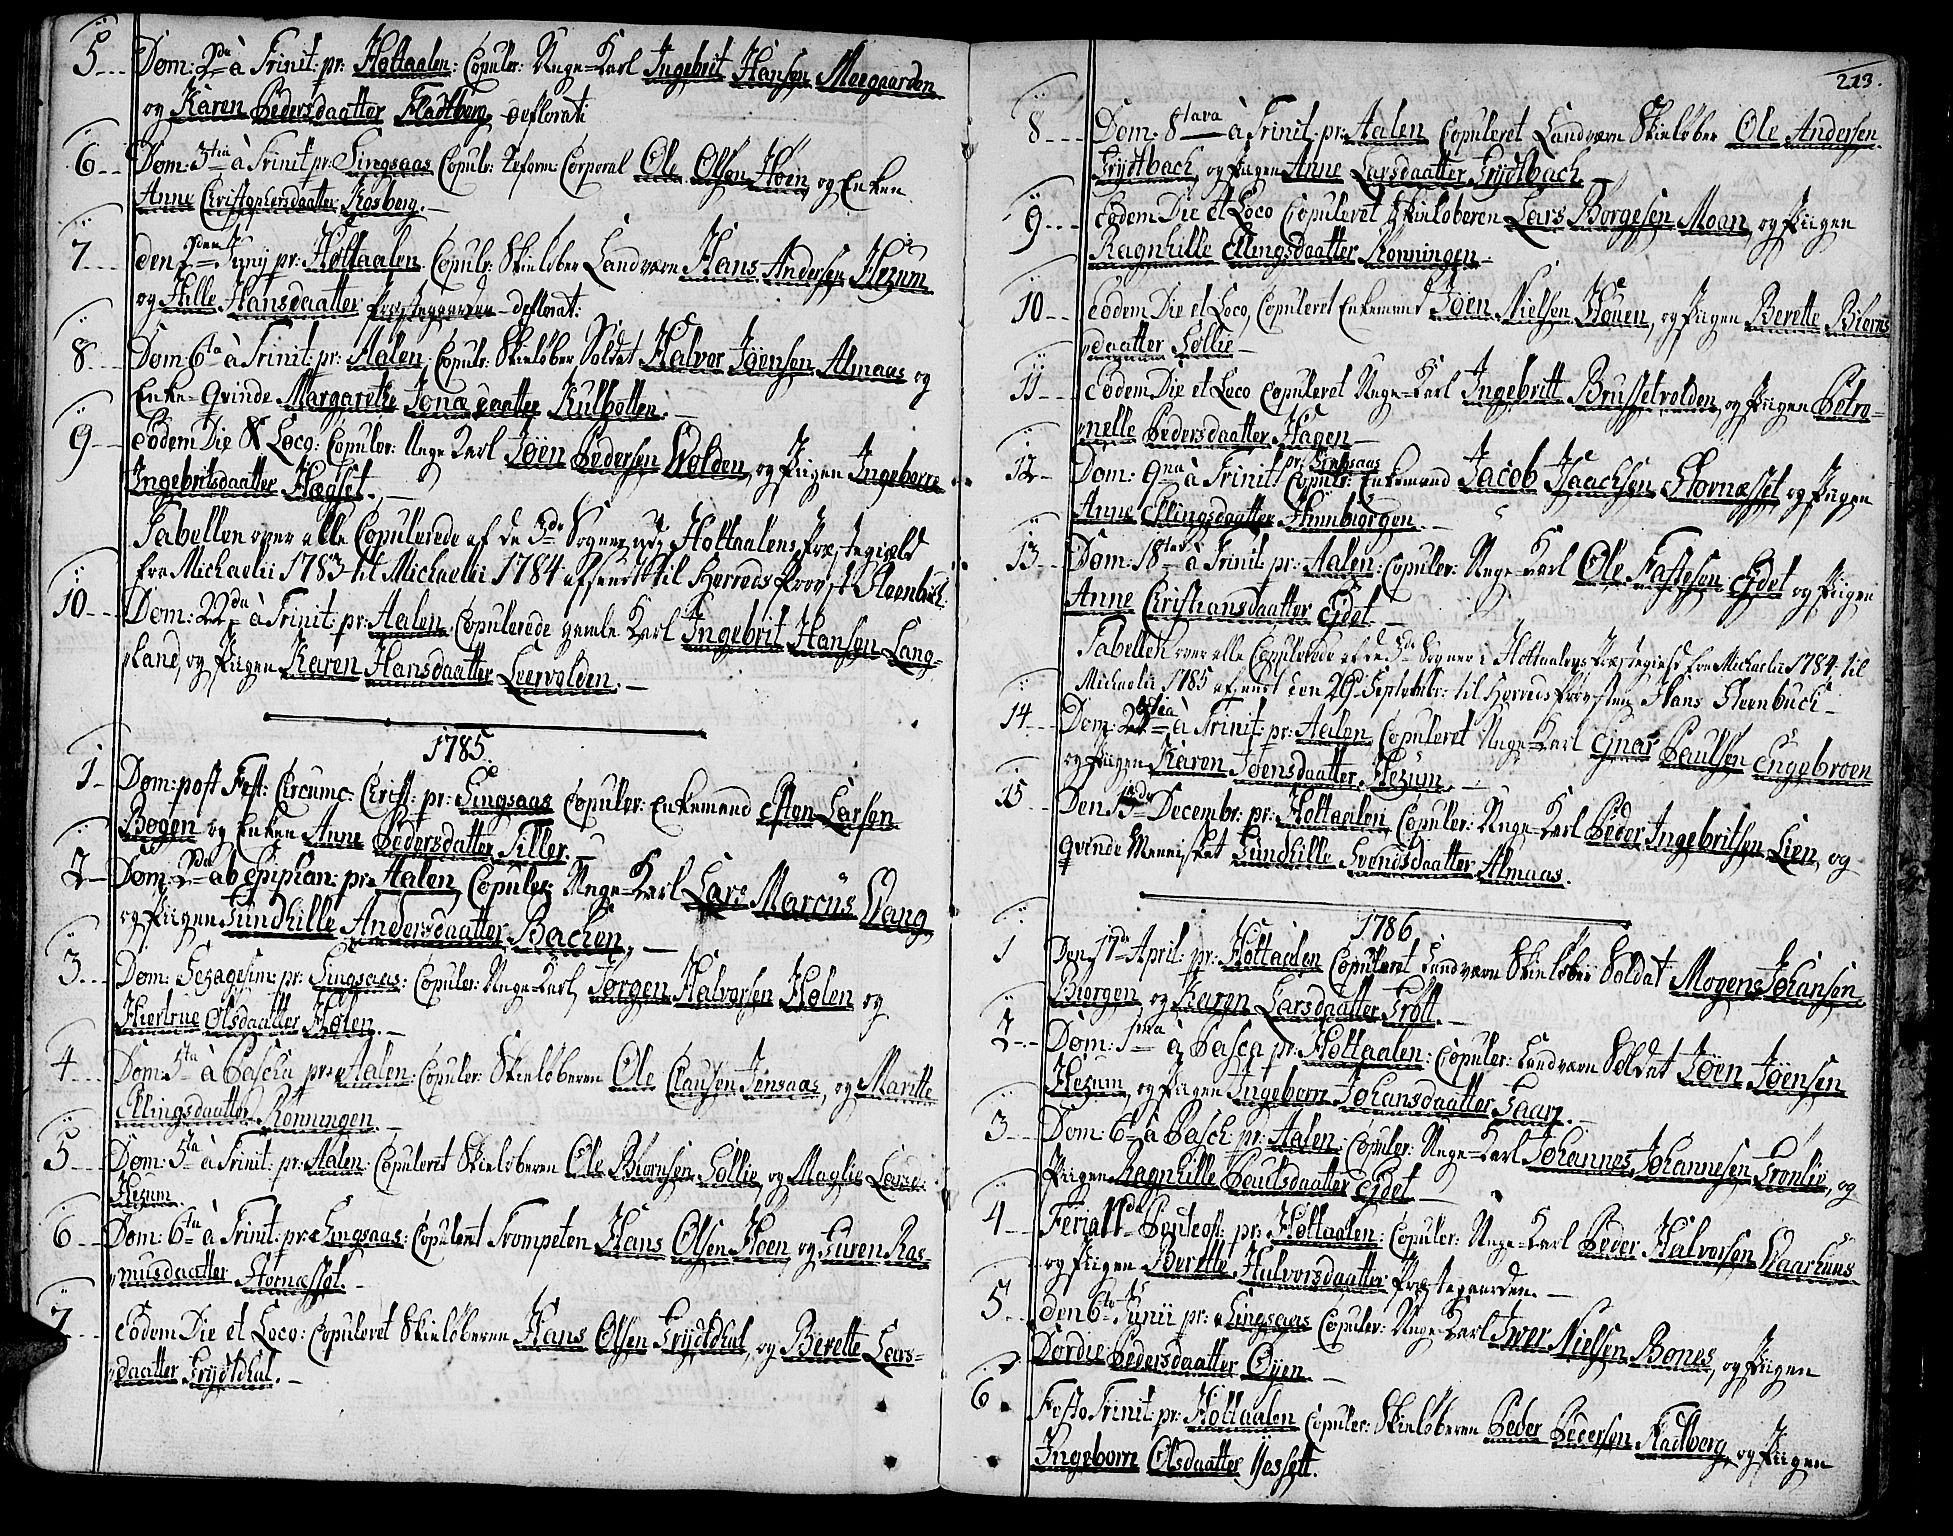 SAT, Ministerialprotokoller, klokkerbøker og fødselsregistre - Sør-Trøndelag, 685/L0952: Ministerialbok nr. 685A01, 1745-1804, s. 213